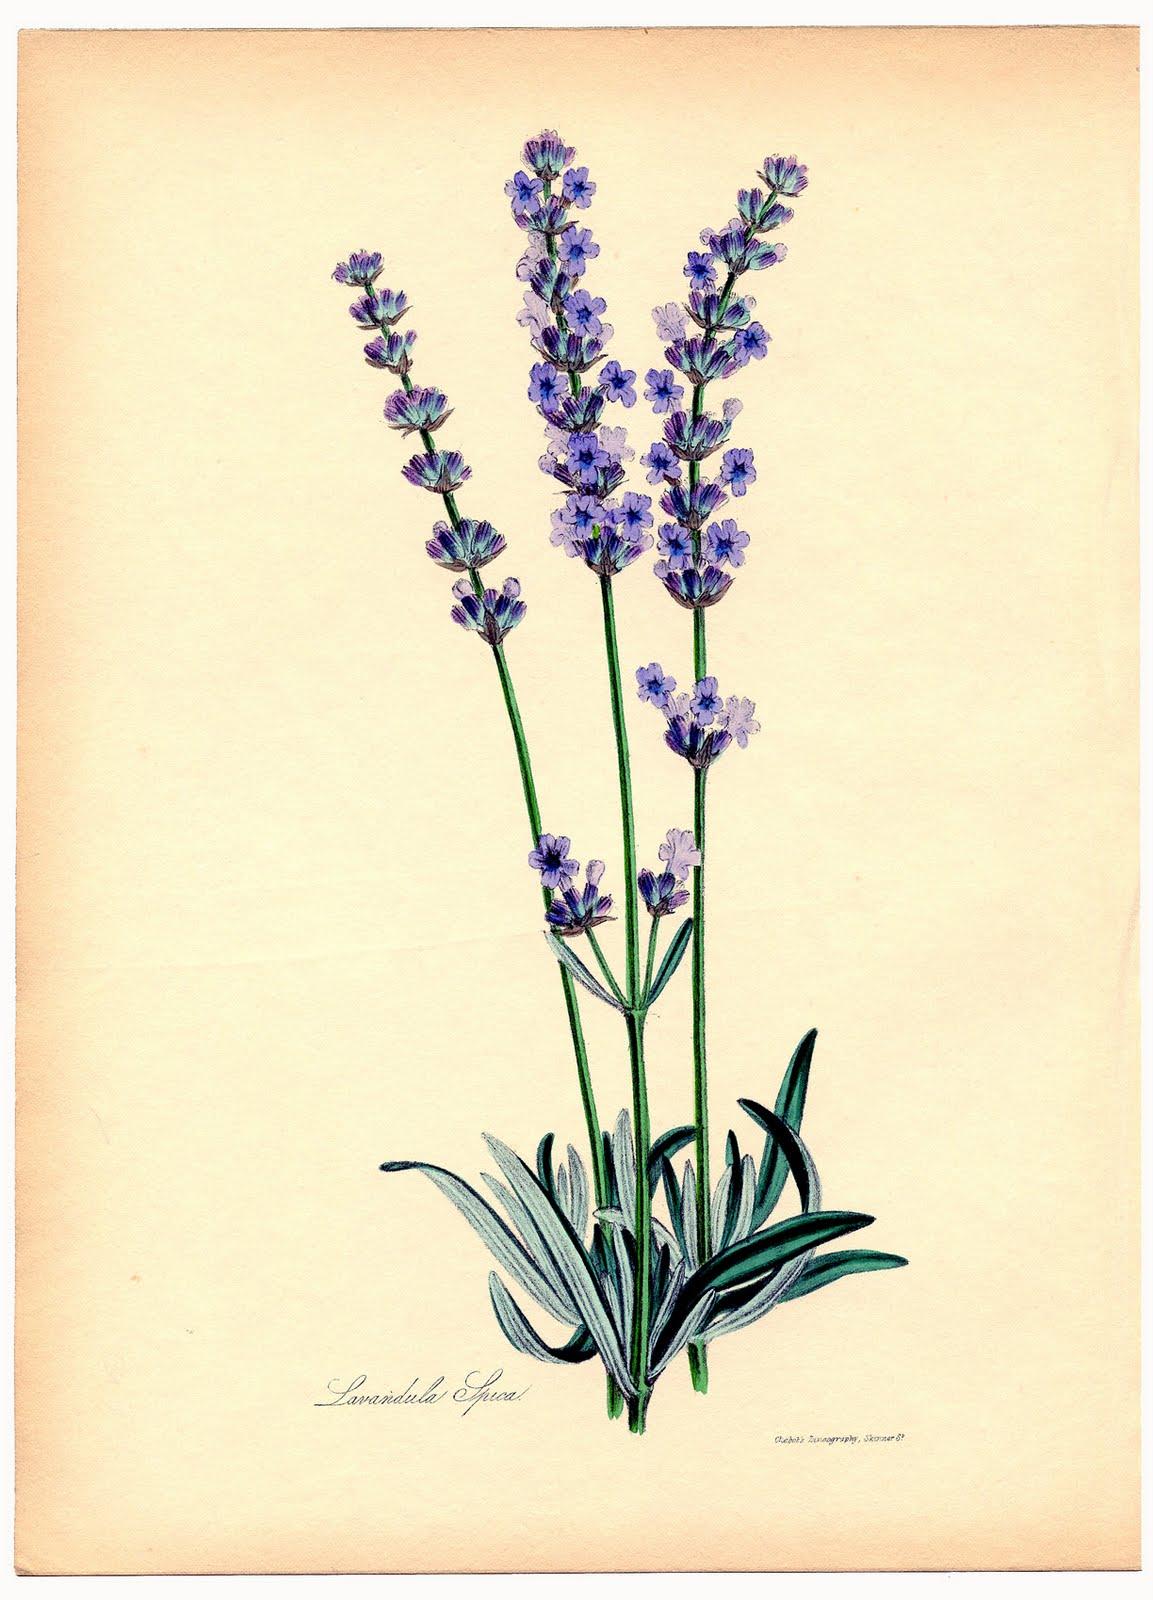 Instant Art Printable - Superb Lavender Botanical - The